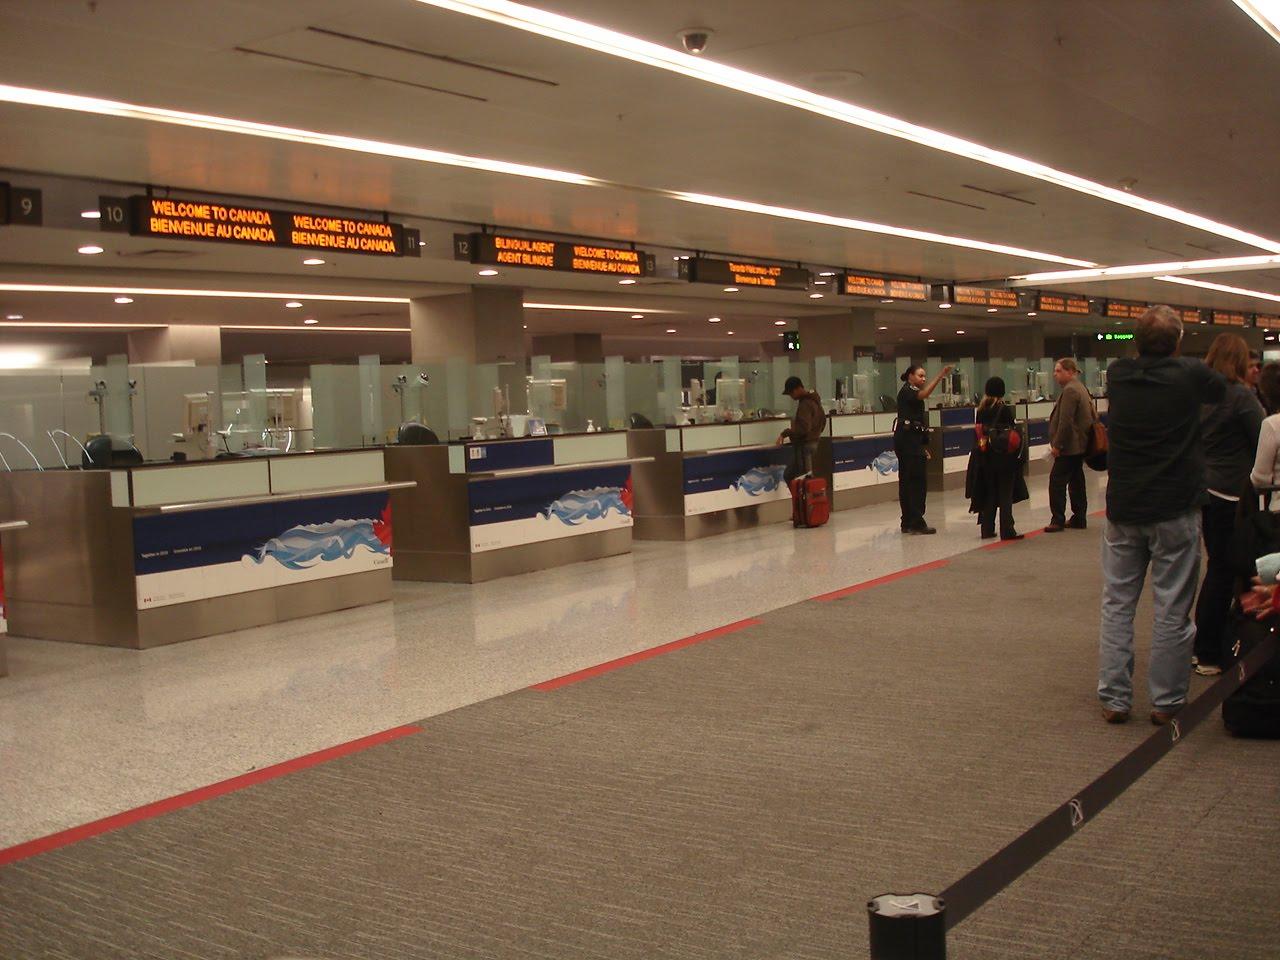 Aeroporto Quebec : Projeto québec chegando no canada aeroporto toronto